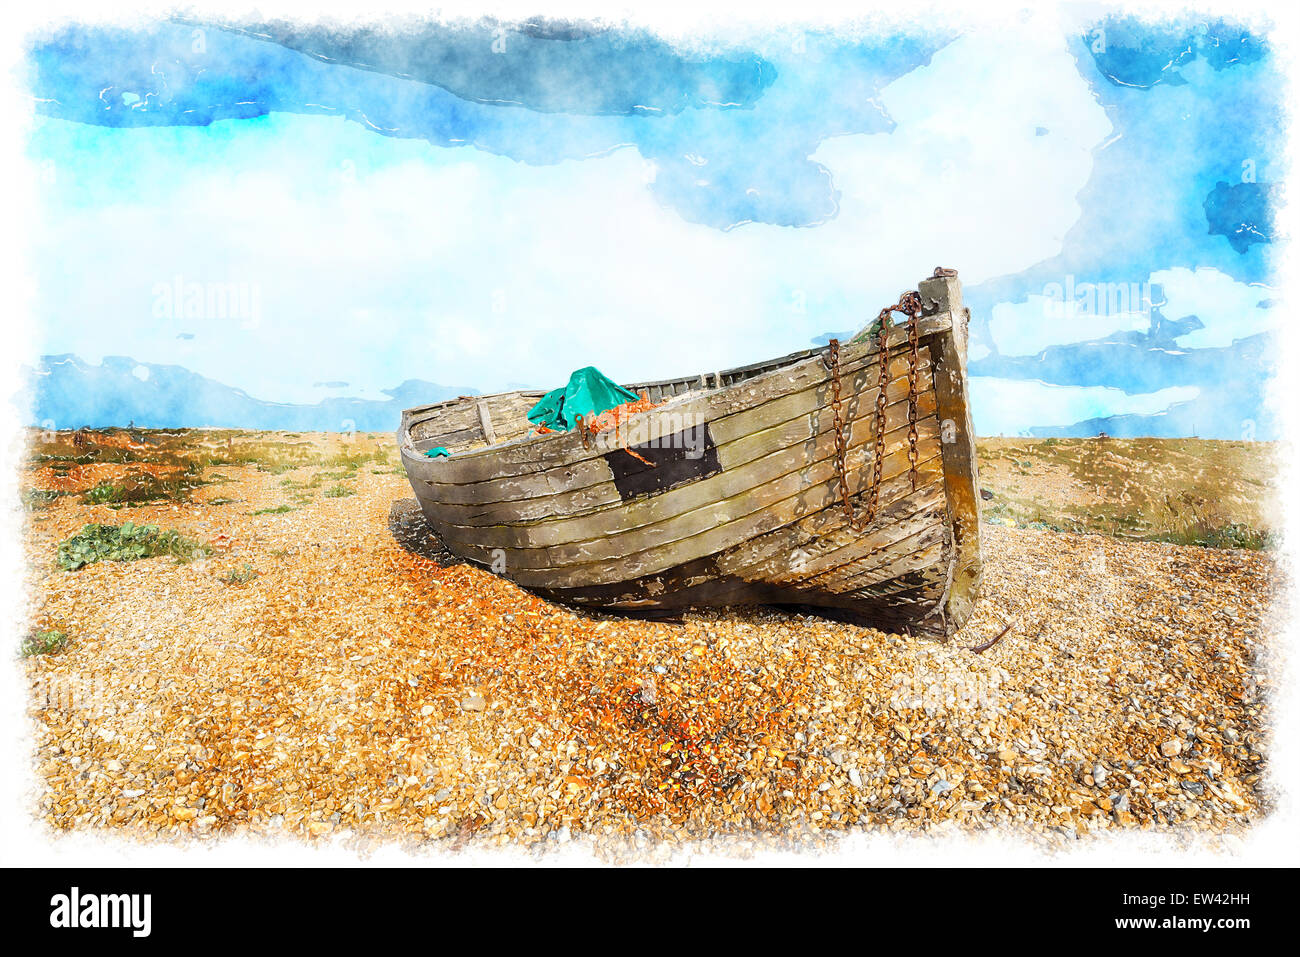 L'aquarelle d'un vieux bateau de pêche en bois patiné sur une plage de galets sous un ciel bleu Photo Stock